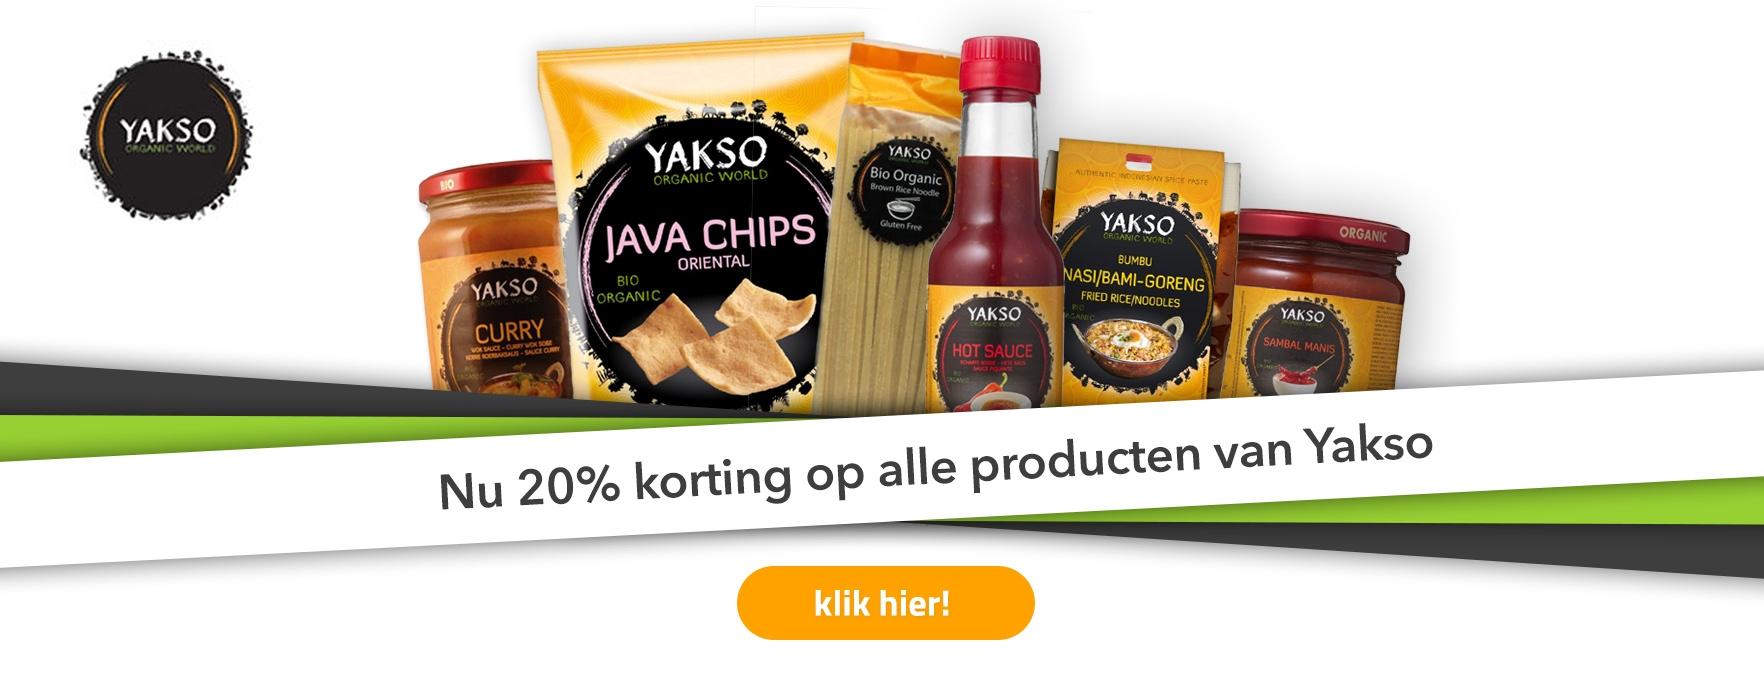 Yakso Aanbieding!